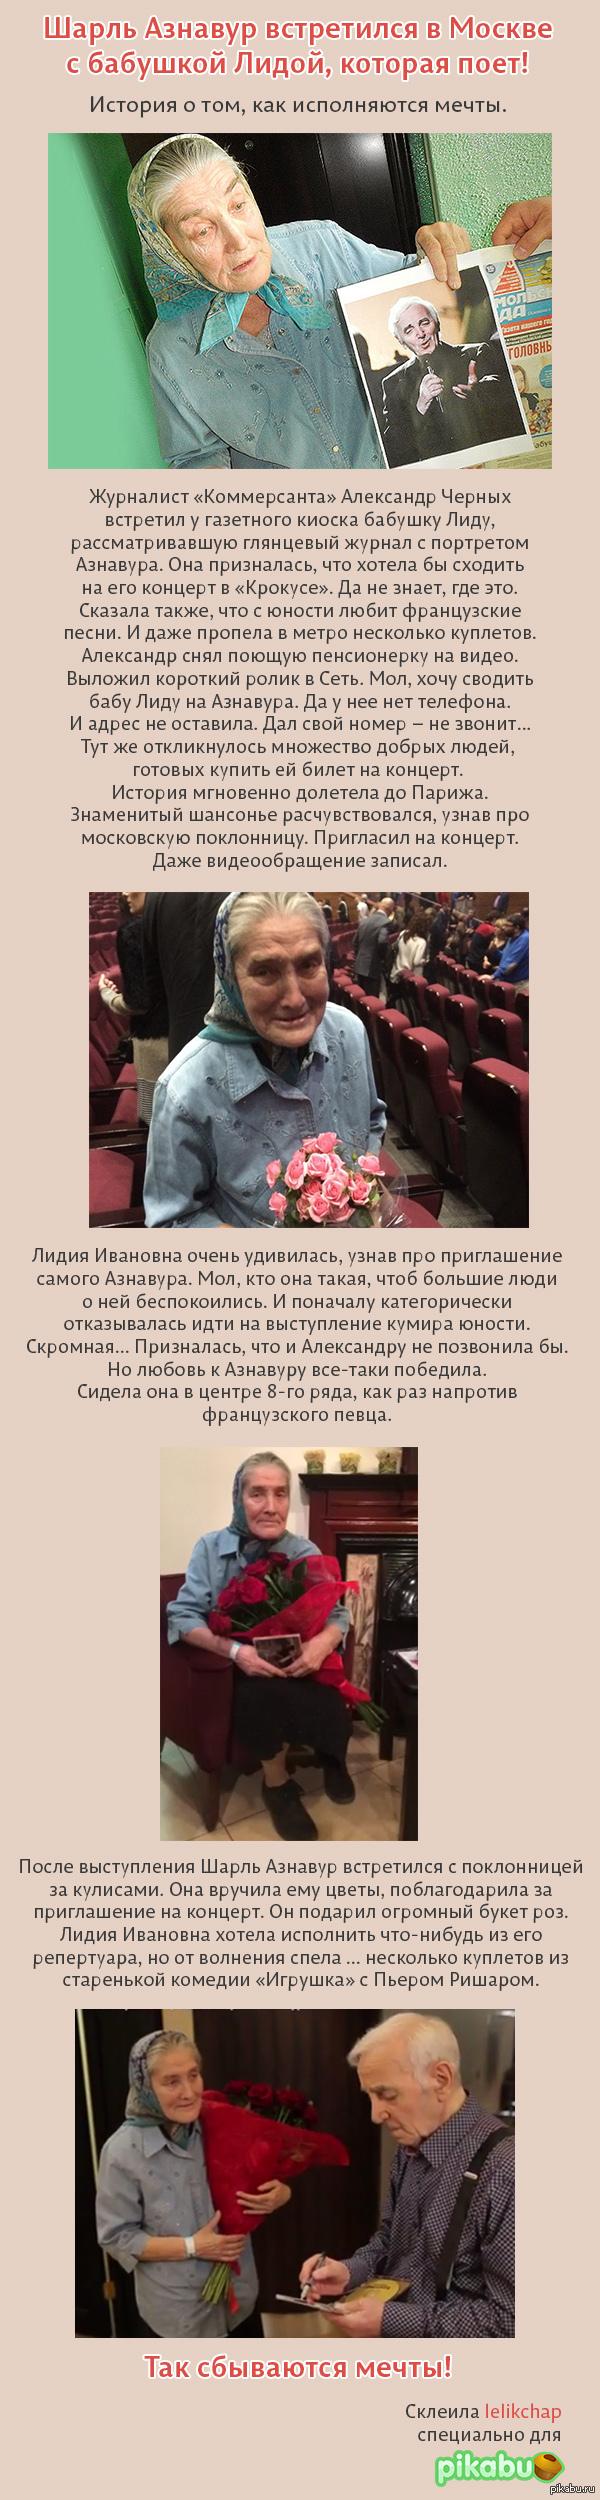 """Бабушка, которая поет, или как исполняются мечты Начало истории: <a href=""""http://pikabu.ru/story/moskvichka_lidiya_ivanovna__novaya_zvezda_interneta_chelovek_uvidel_eyo_u_afishi_s_sharlem_aznavurom_razgovorilis_3182920"""">http://pikabu.ru/story/_3182920</a>"""